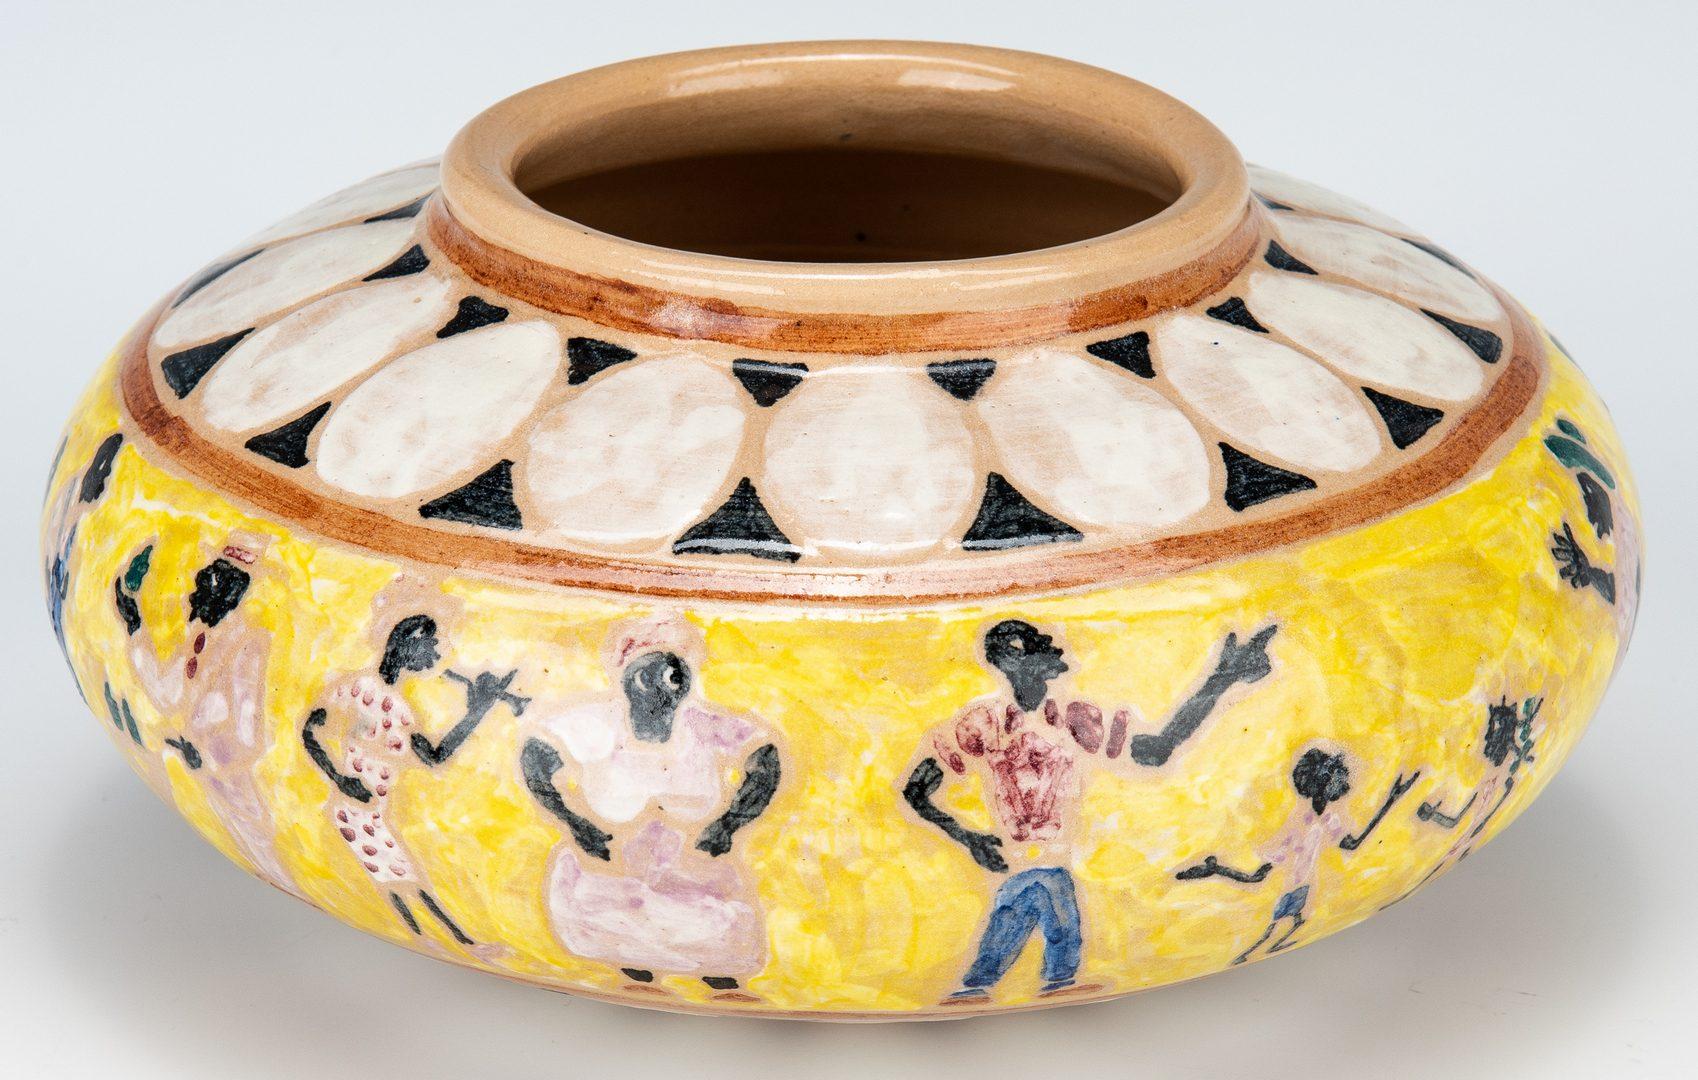 Lot 578: Shearwater Art Pottery Jar, Mac Anderson